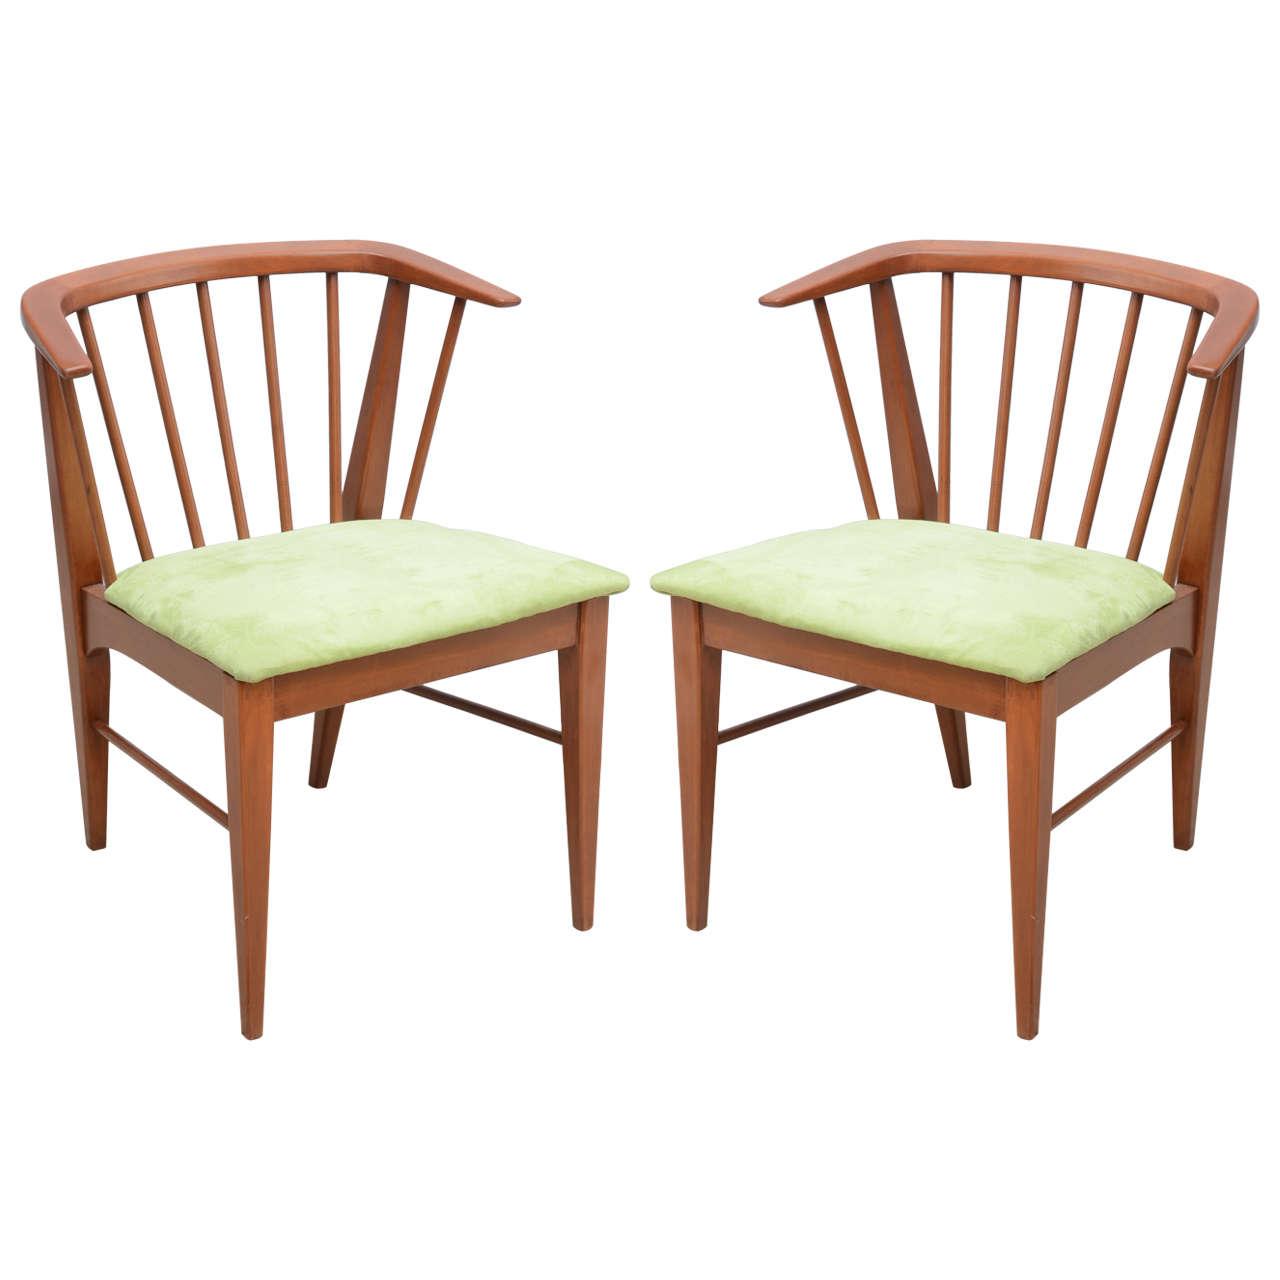 Pair of Wegner style teak chairs--1960s Denmark